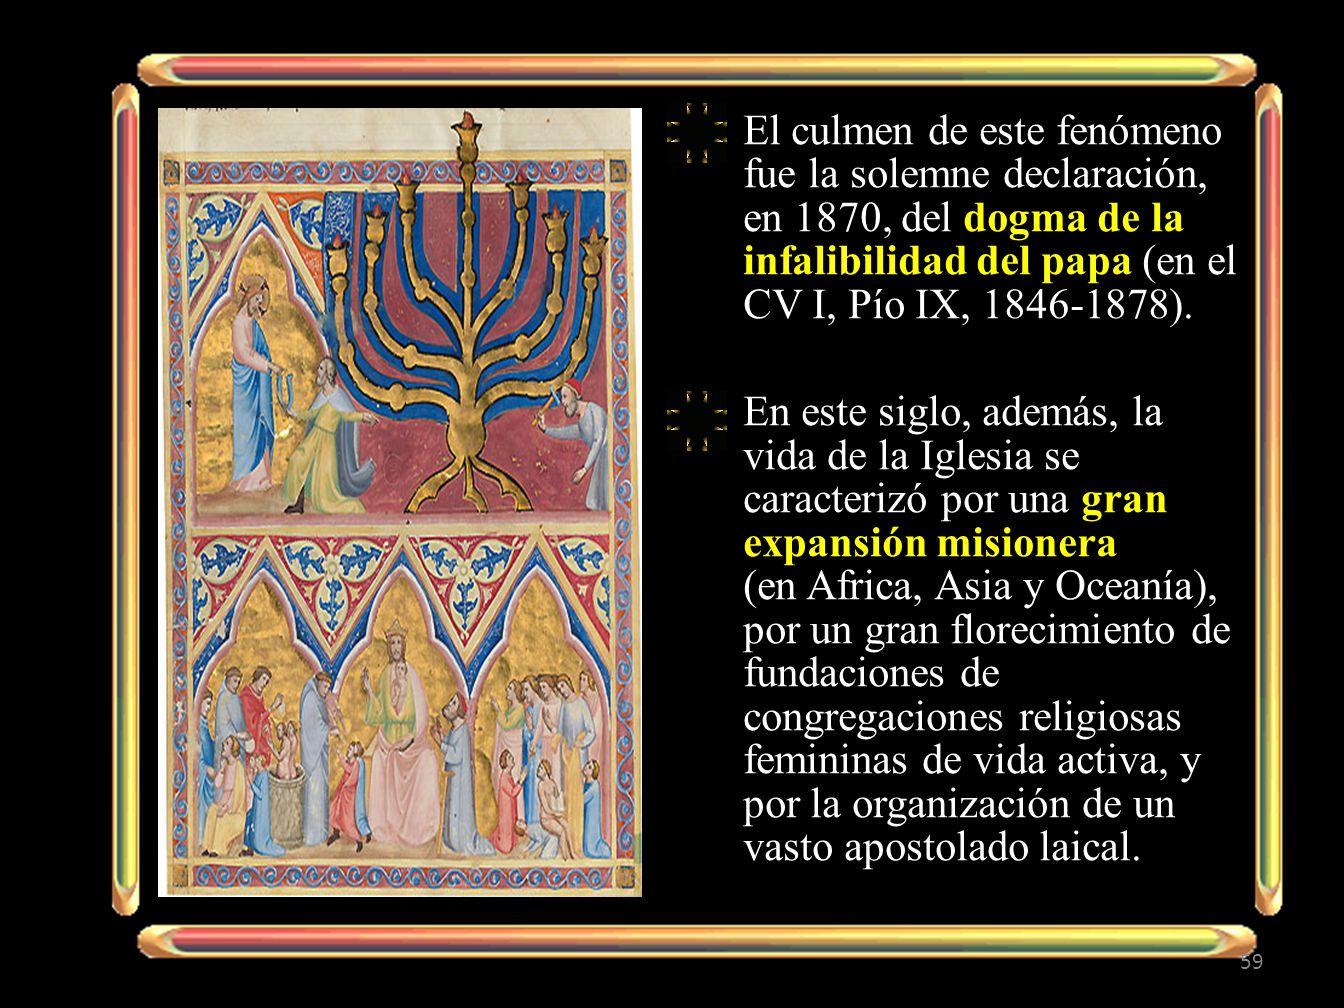 El culmen de este fenómeno fue la solemne declaración, en 1870, del dogma de la infalibilidad del papa (en el CV I, Pío IX, 1846-1878).